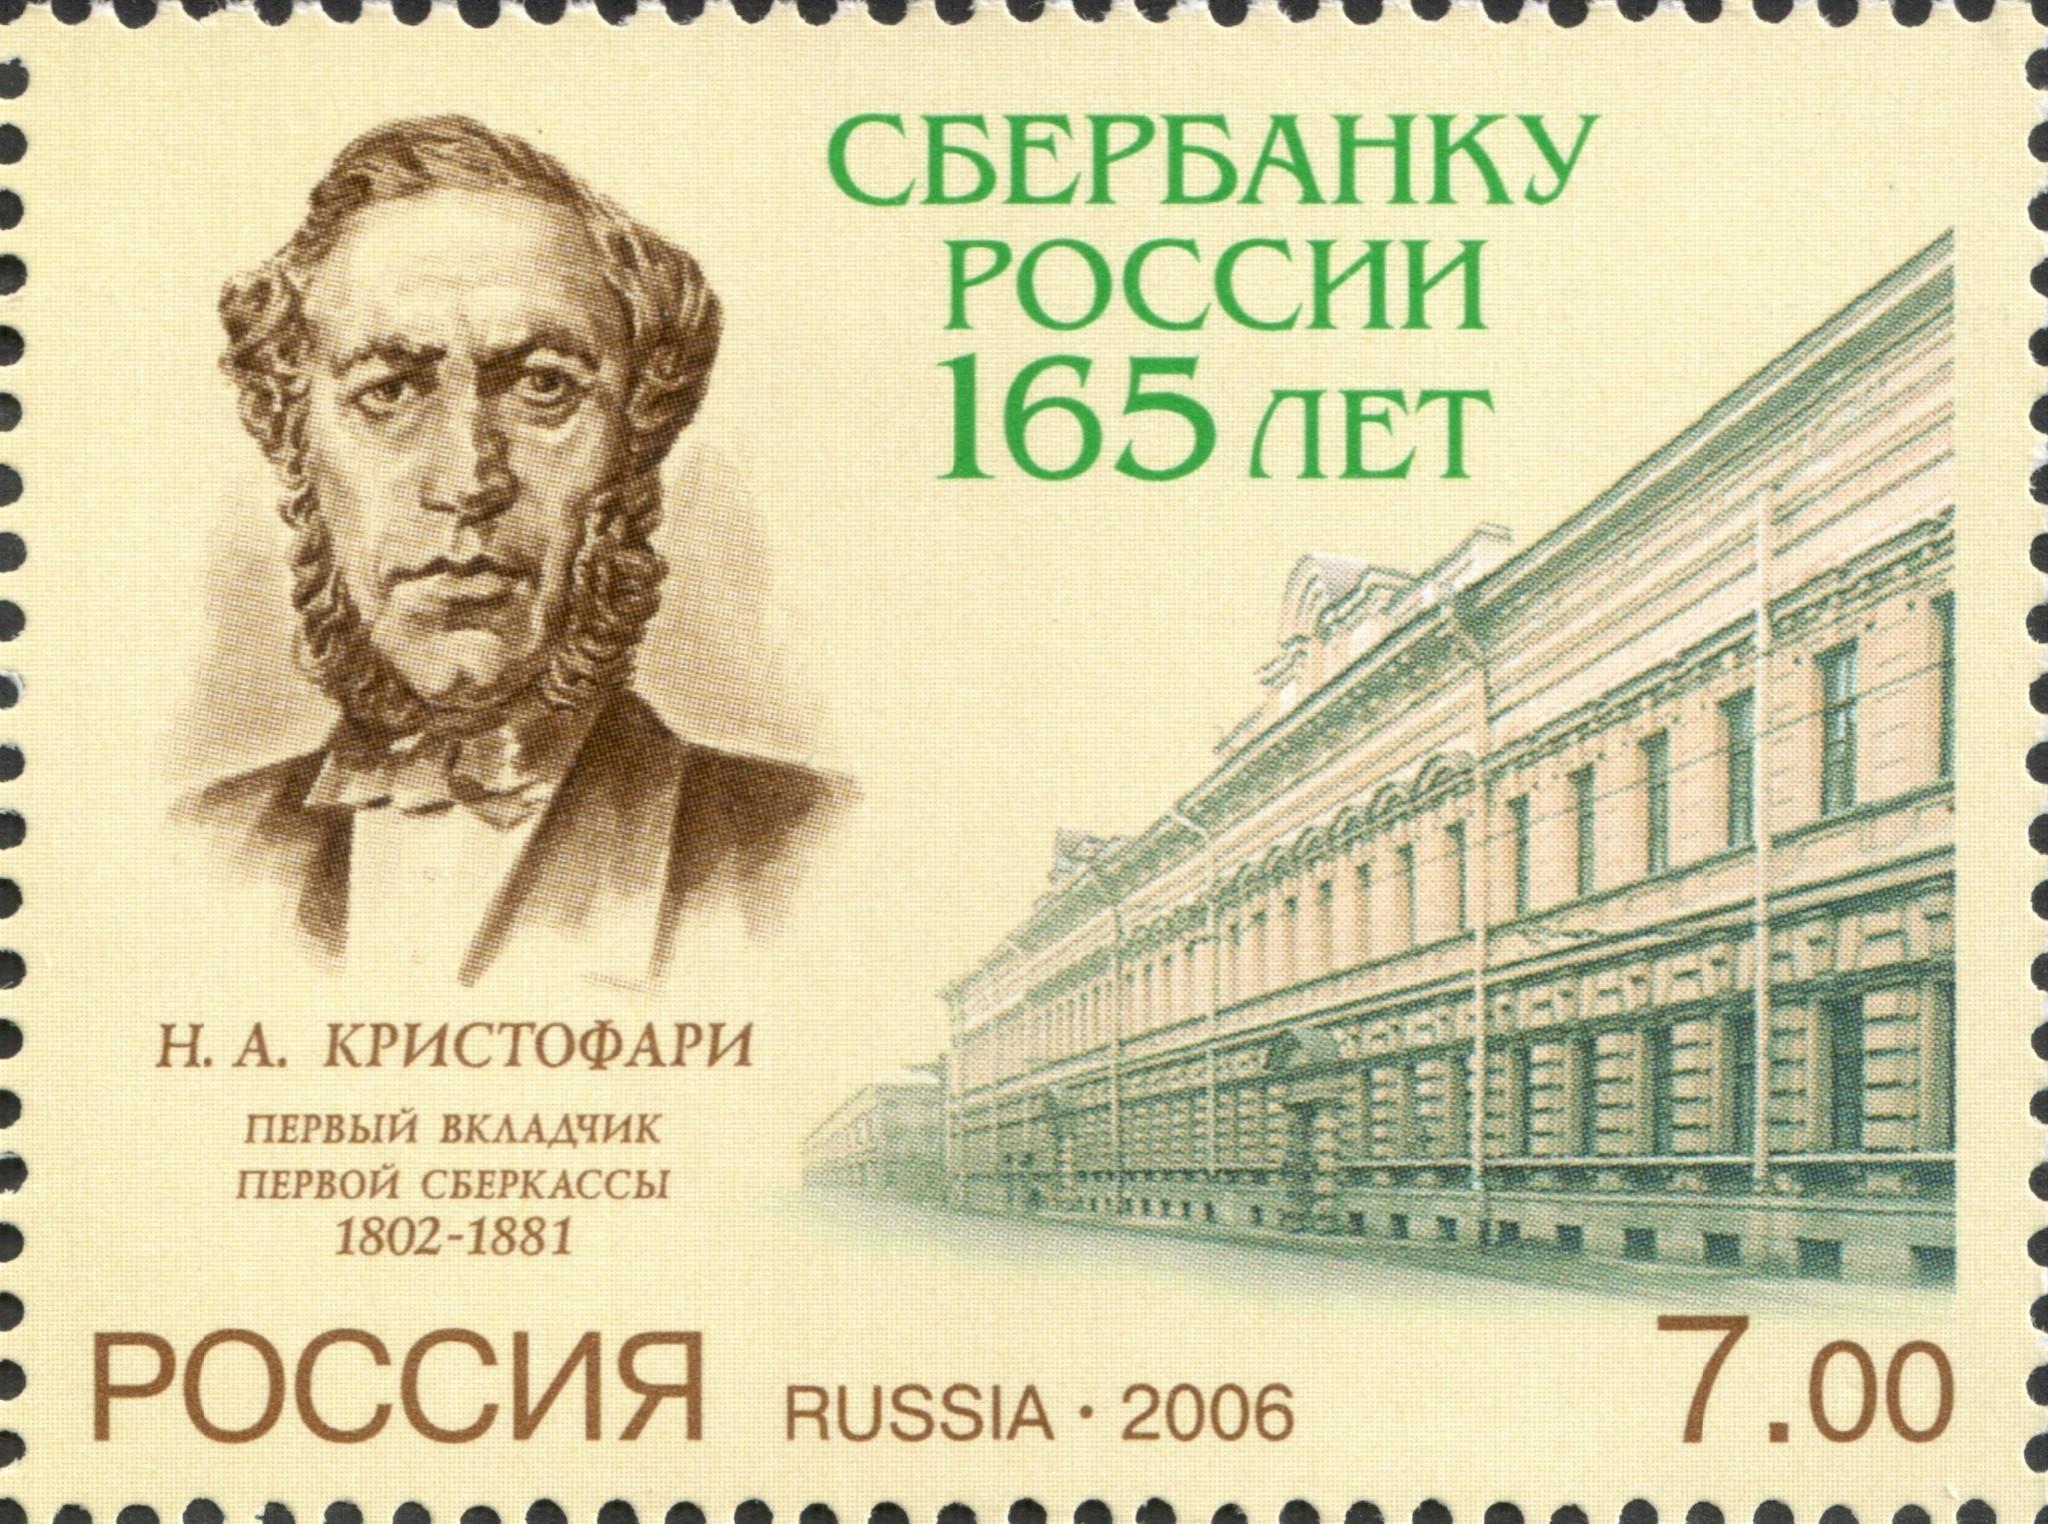 Сбербанку России 165 лет